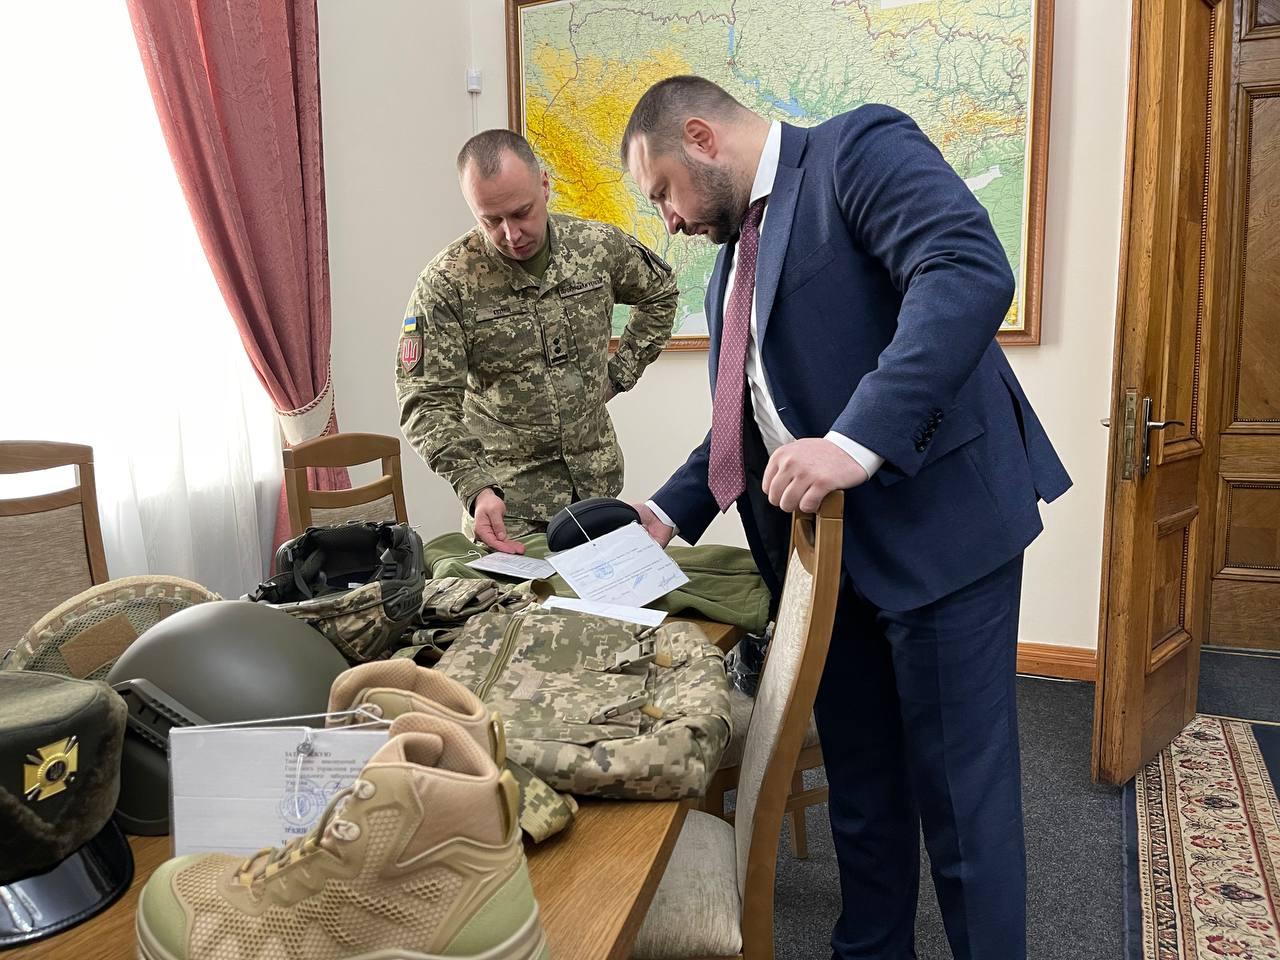 Міноборони планує закупити для армії понад 220 тисяч пар зручних літніх черевиків